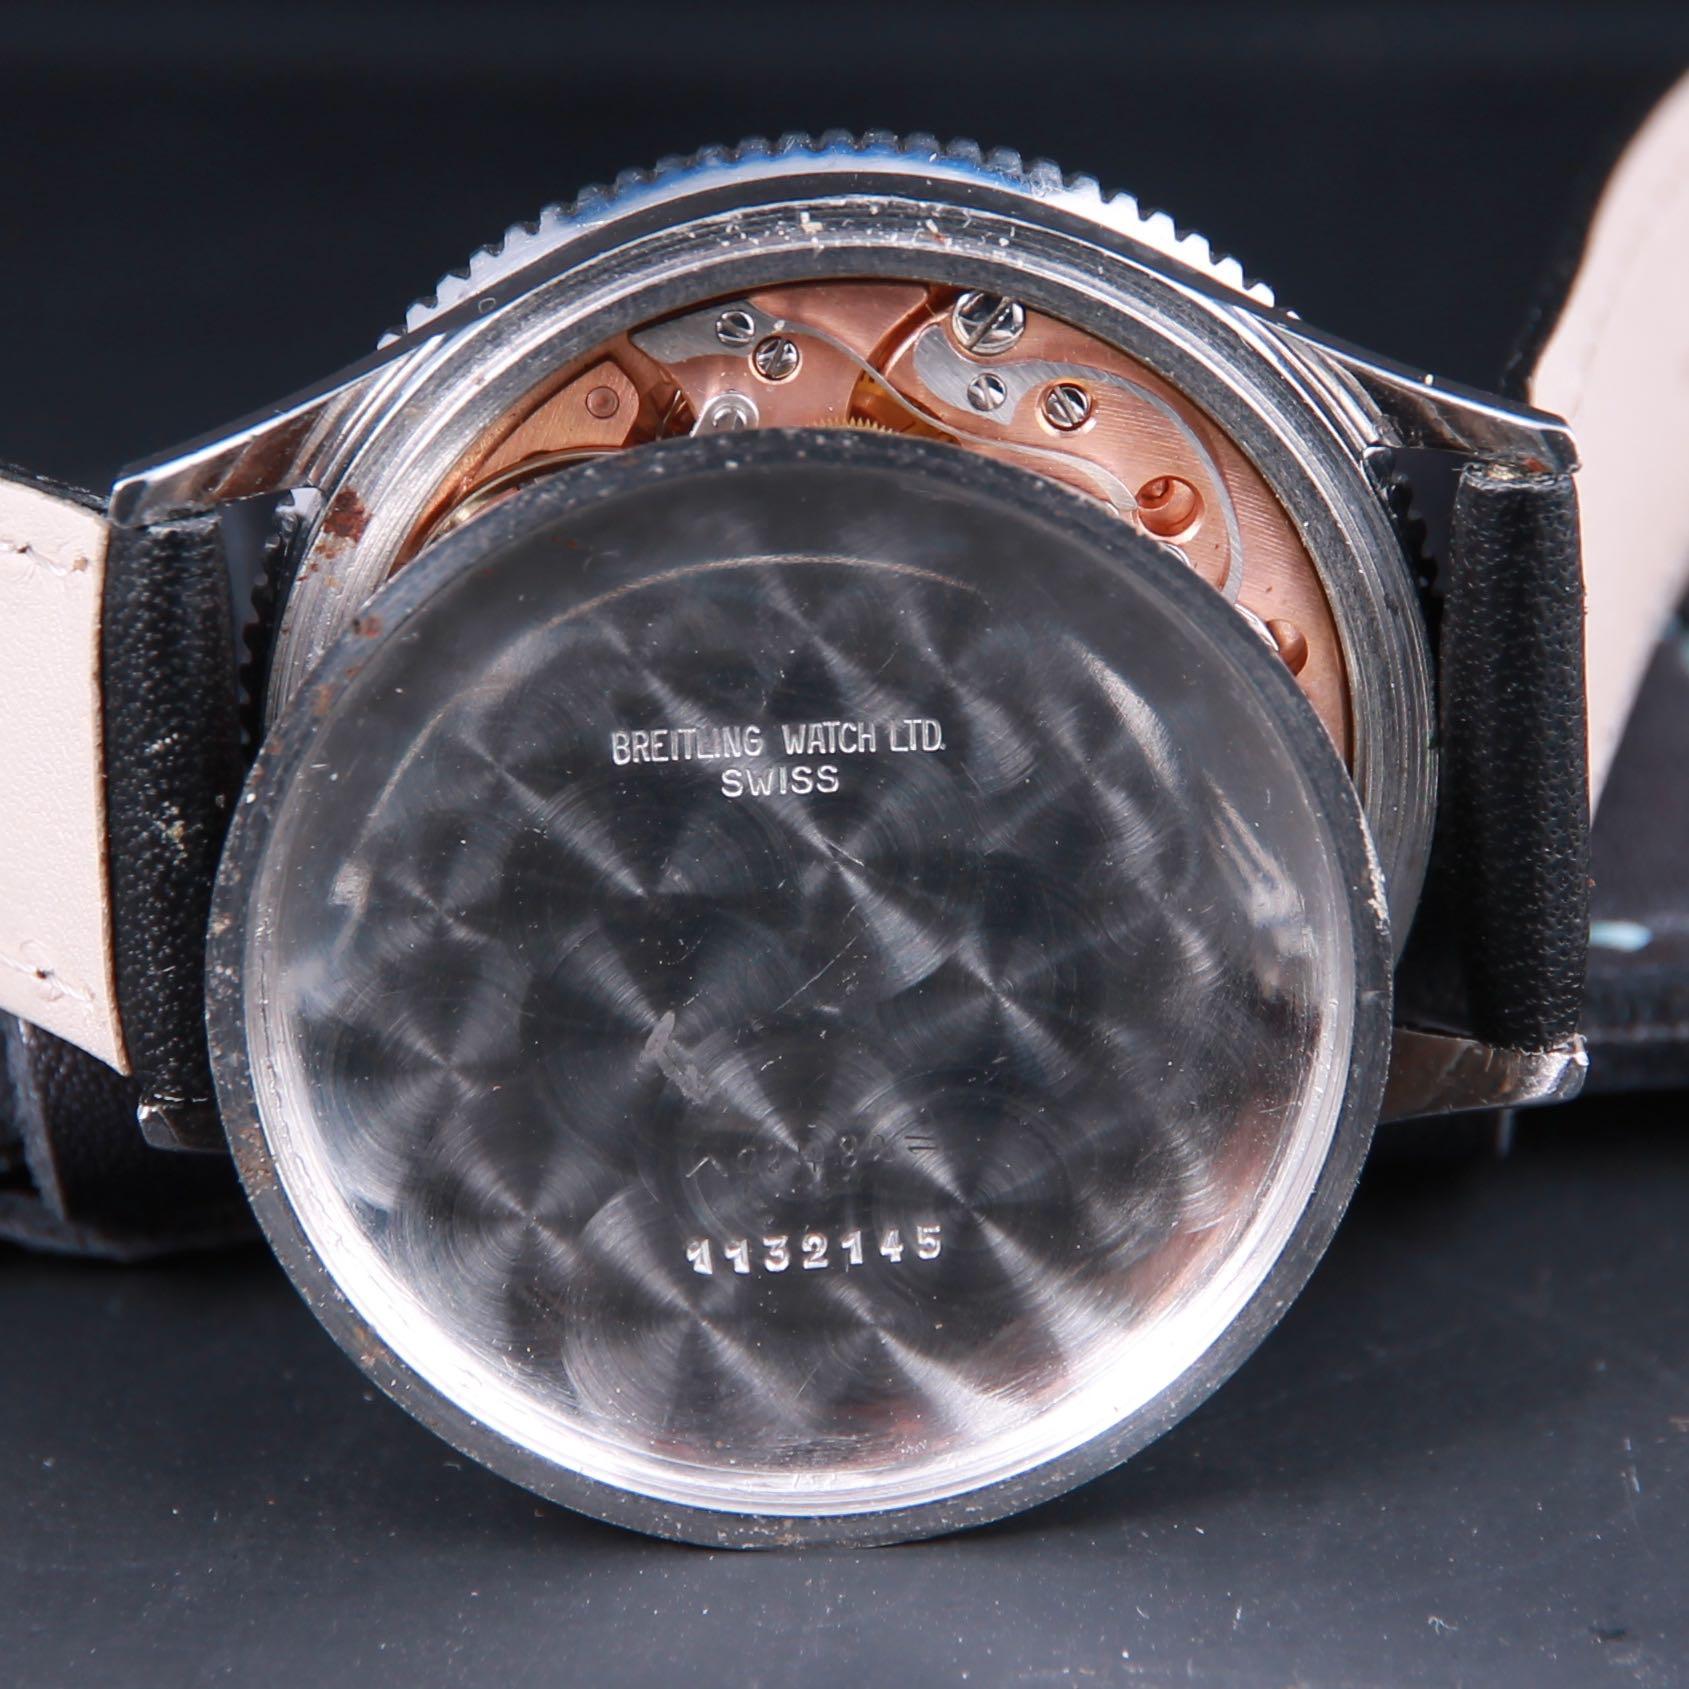 Breitling Chronomat 808 For Sale